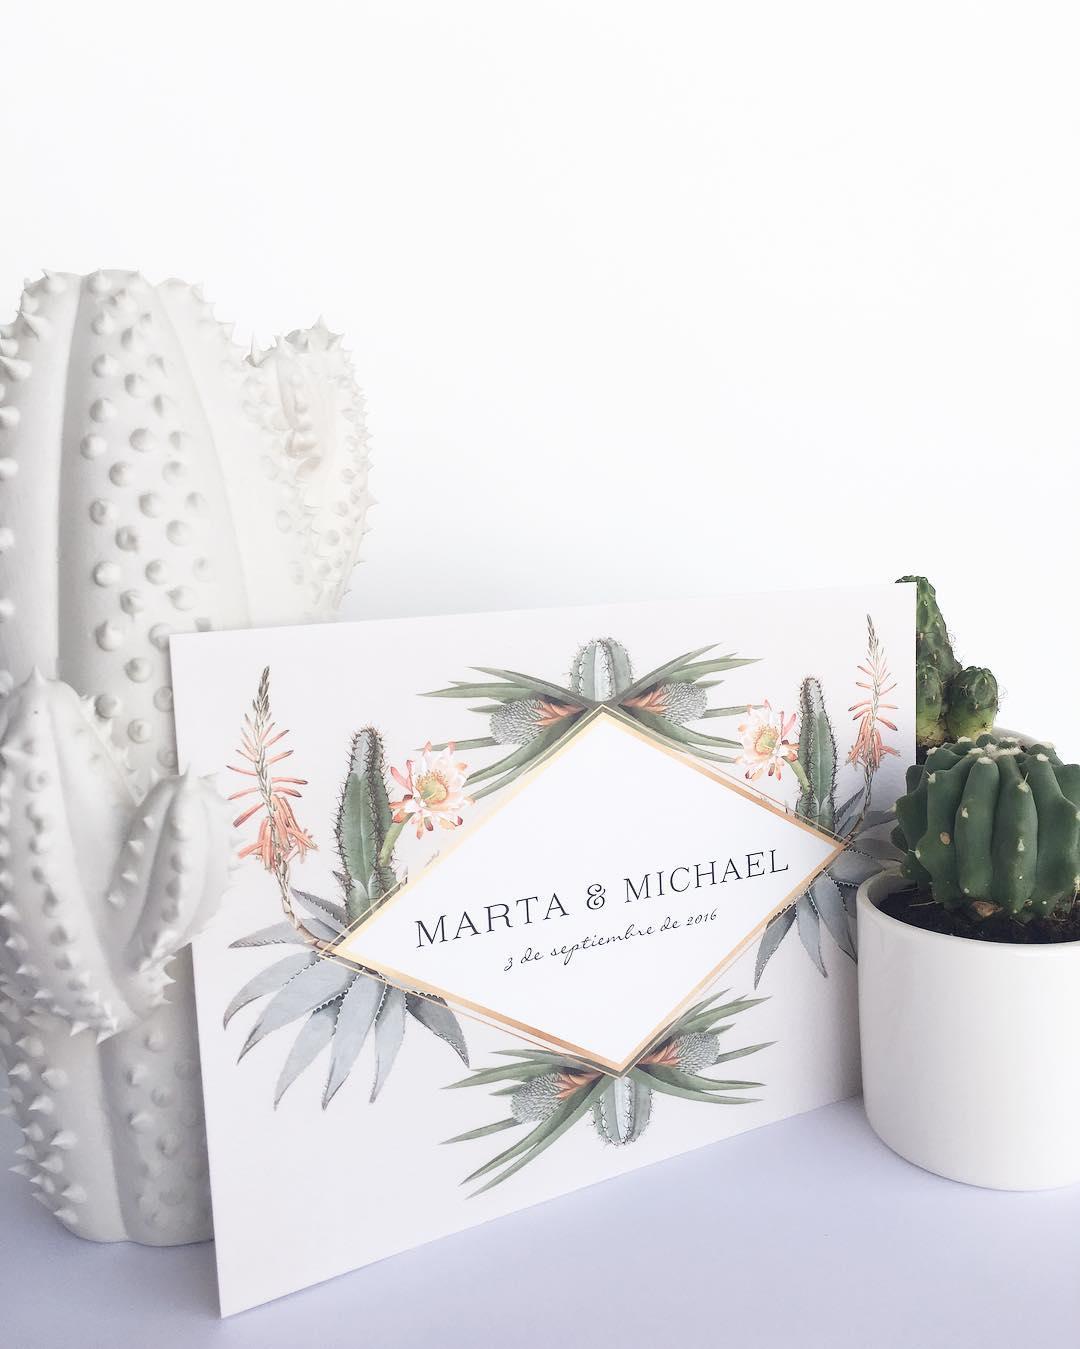 Invitaciones de boda en Madrid. Invitaciones con cactus